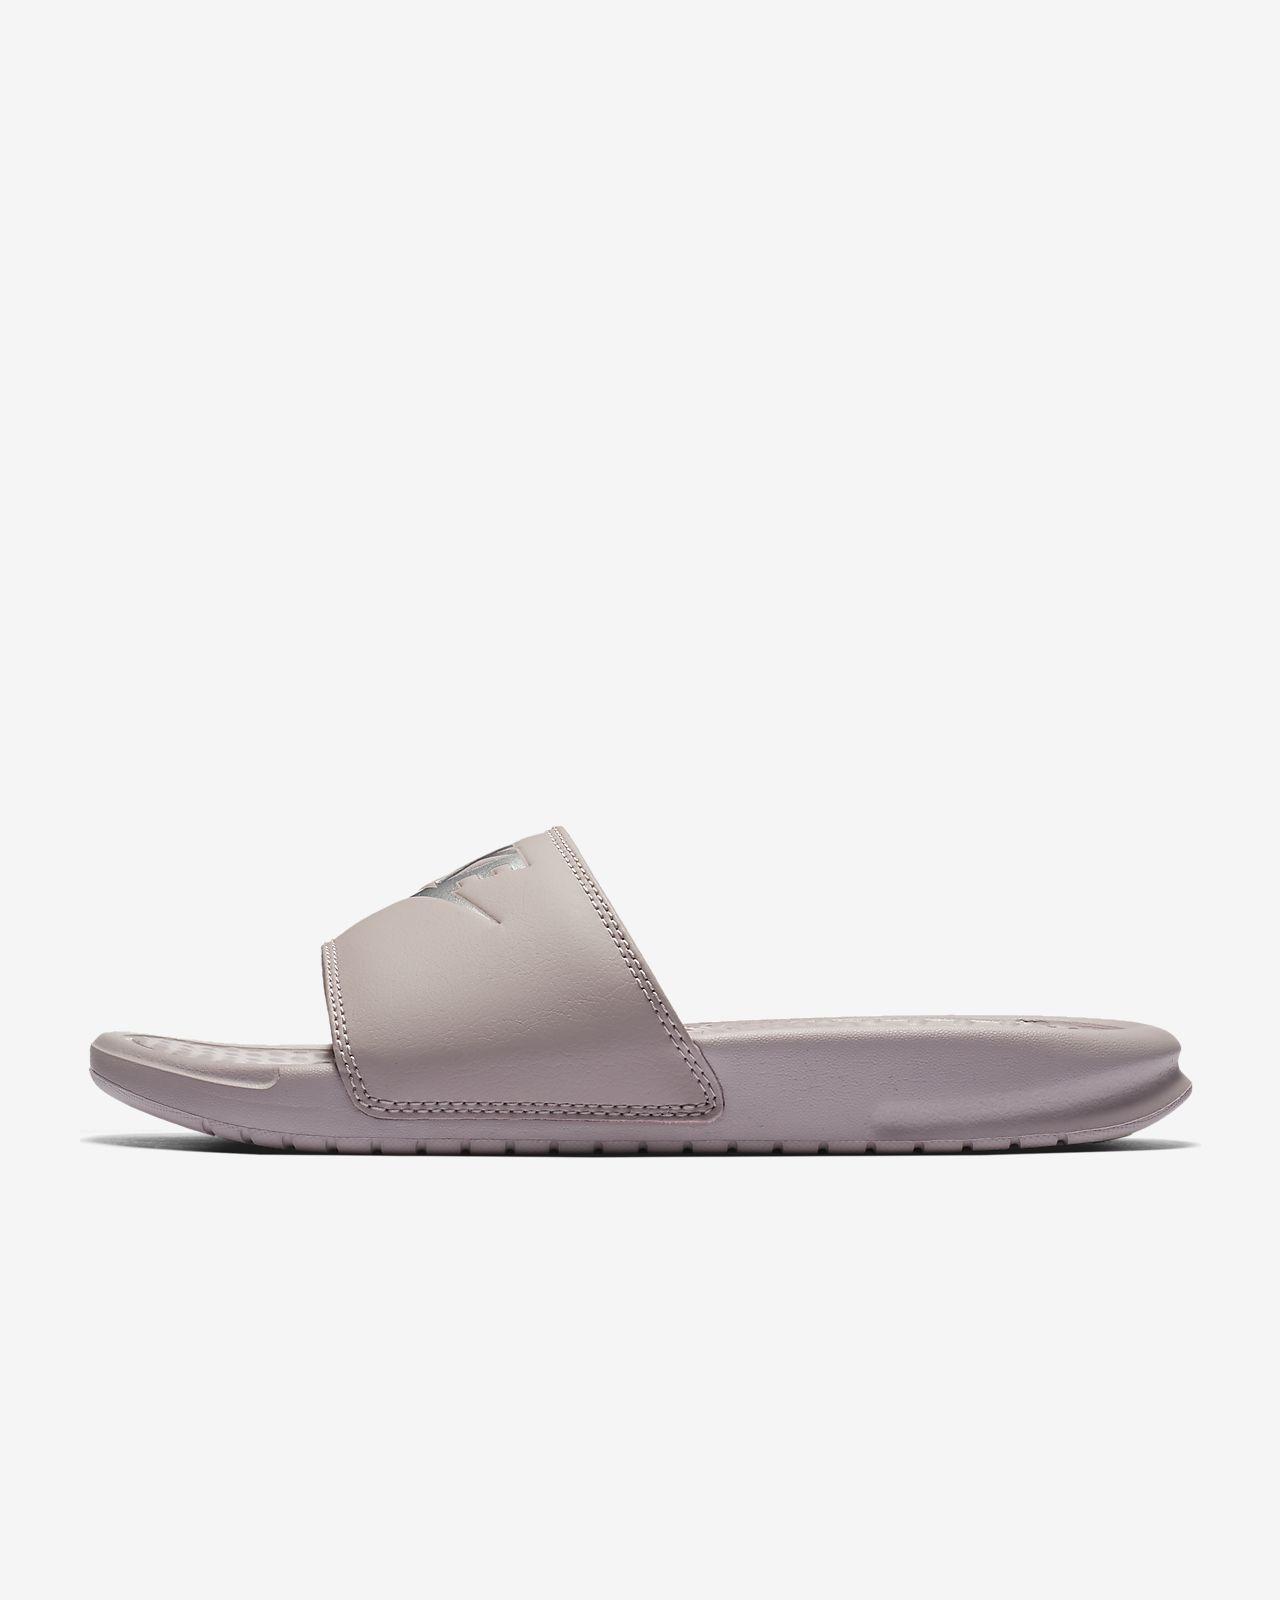 on sale 04e13 9e959 Low Resolution Badtoffel Nike Benassi för kvinnor Badtoffel Nike Benassi  för kvinnor